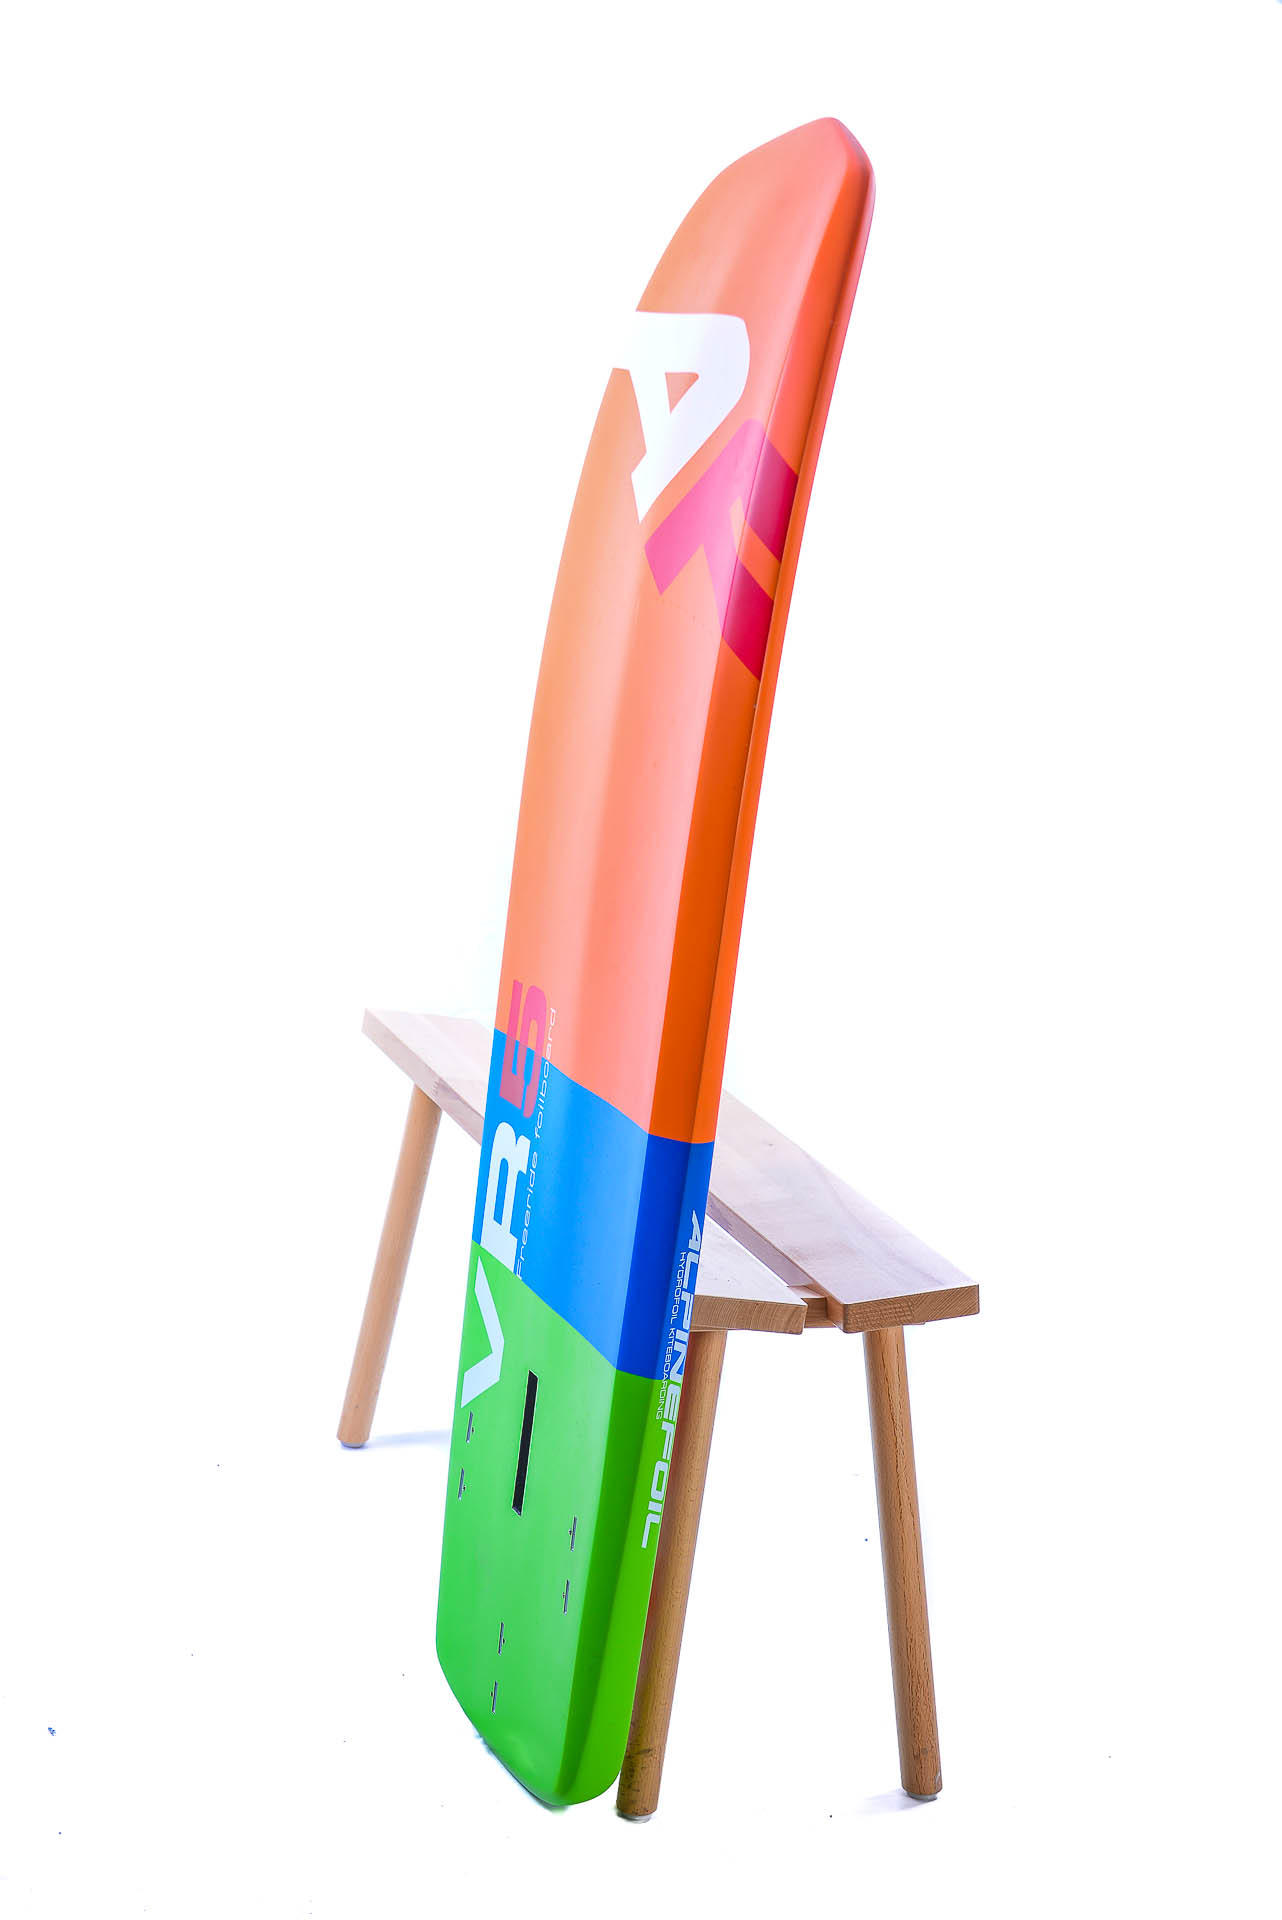 Kitefoil board alpinefoil 9389